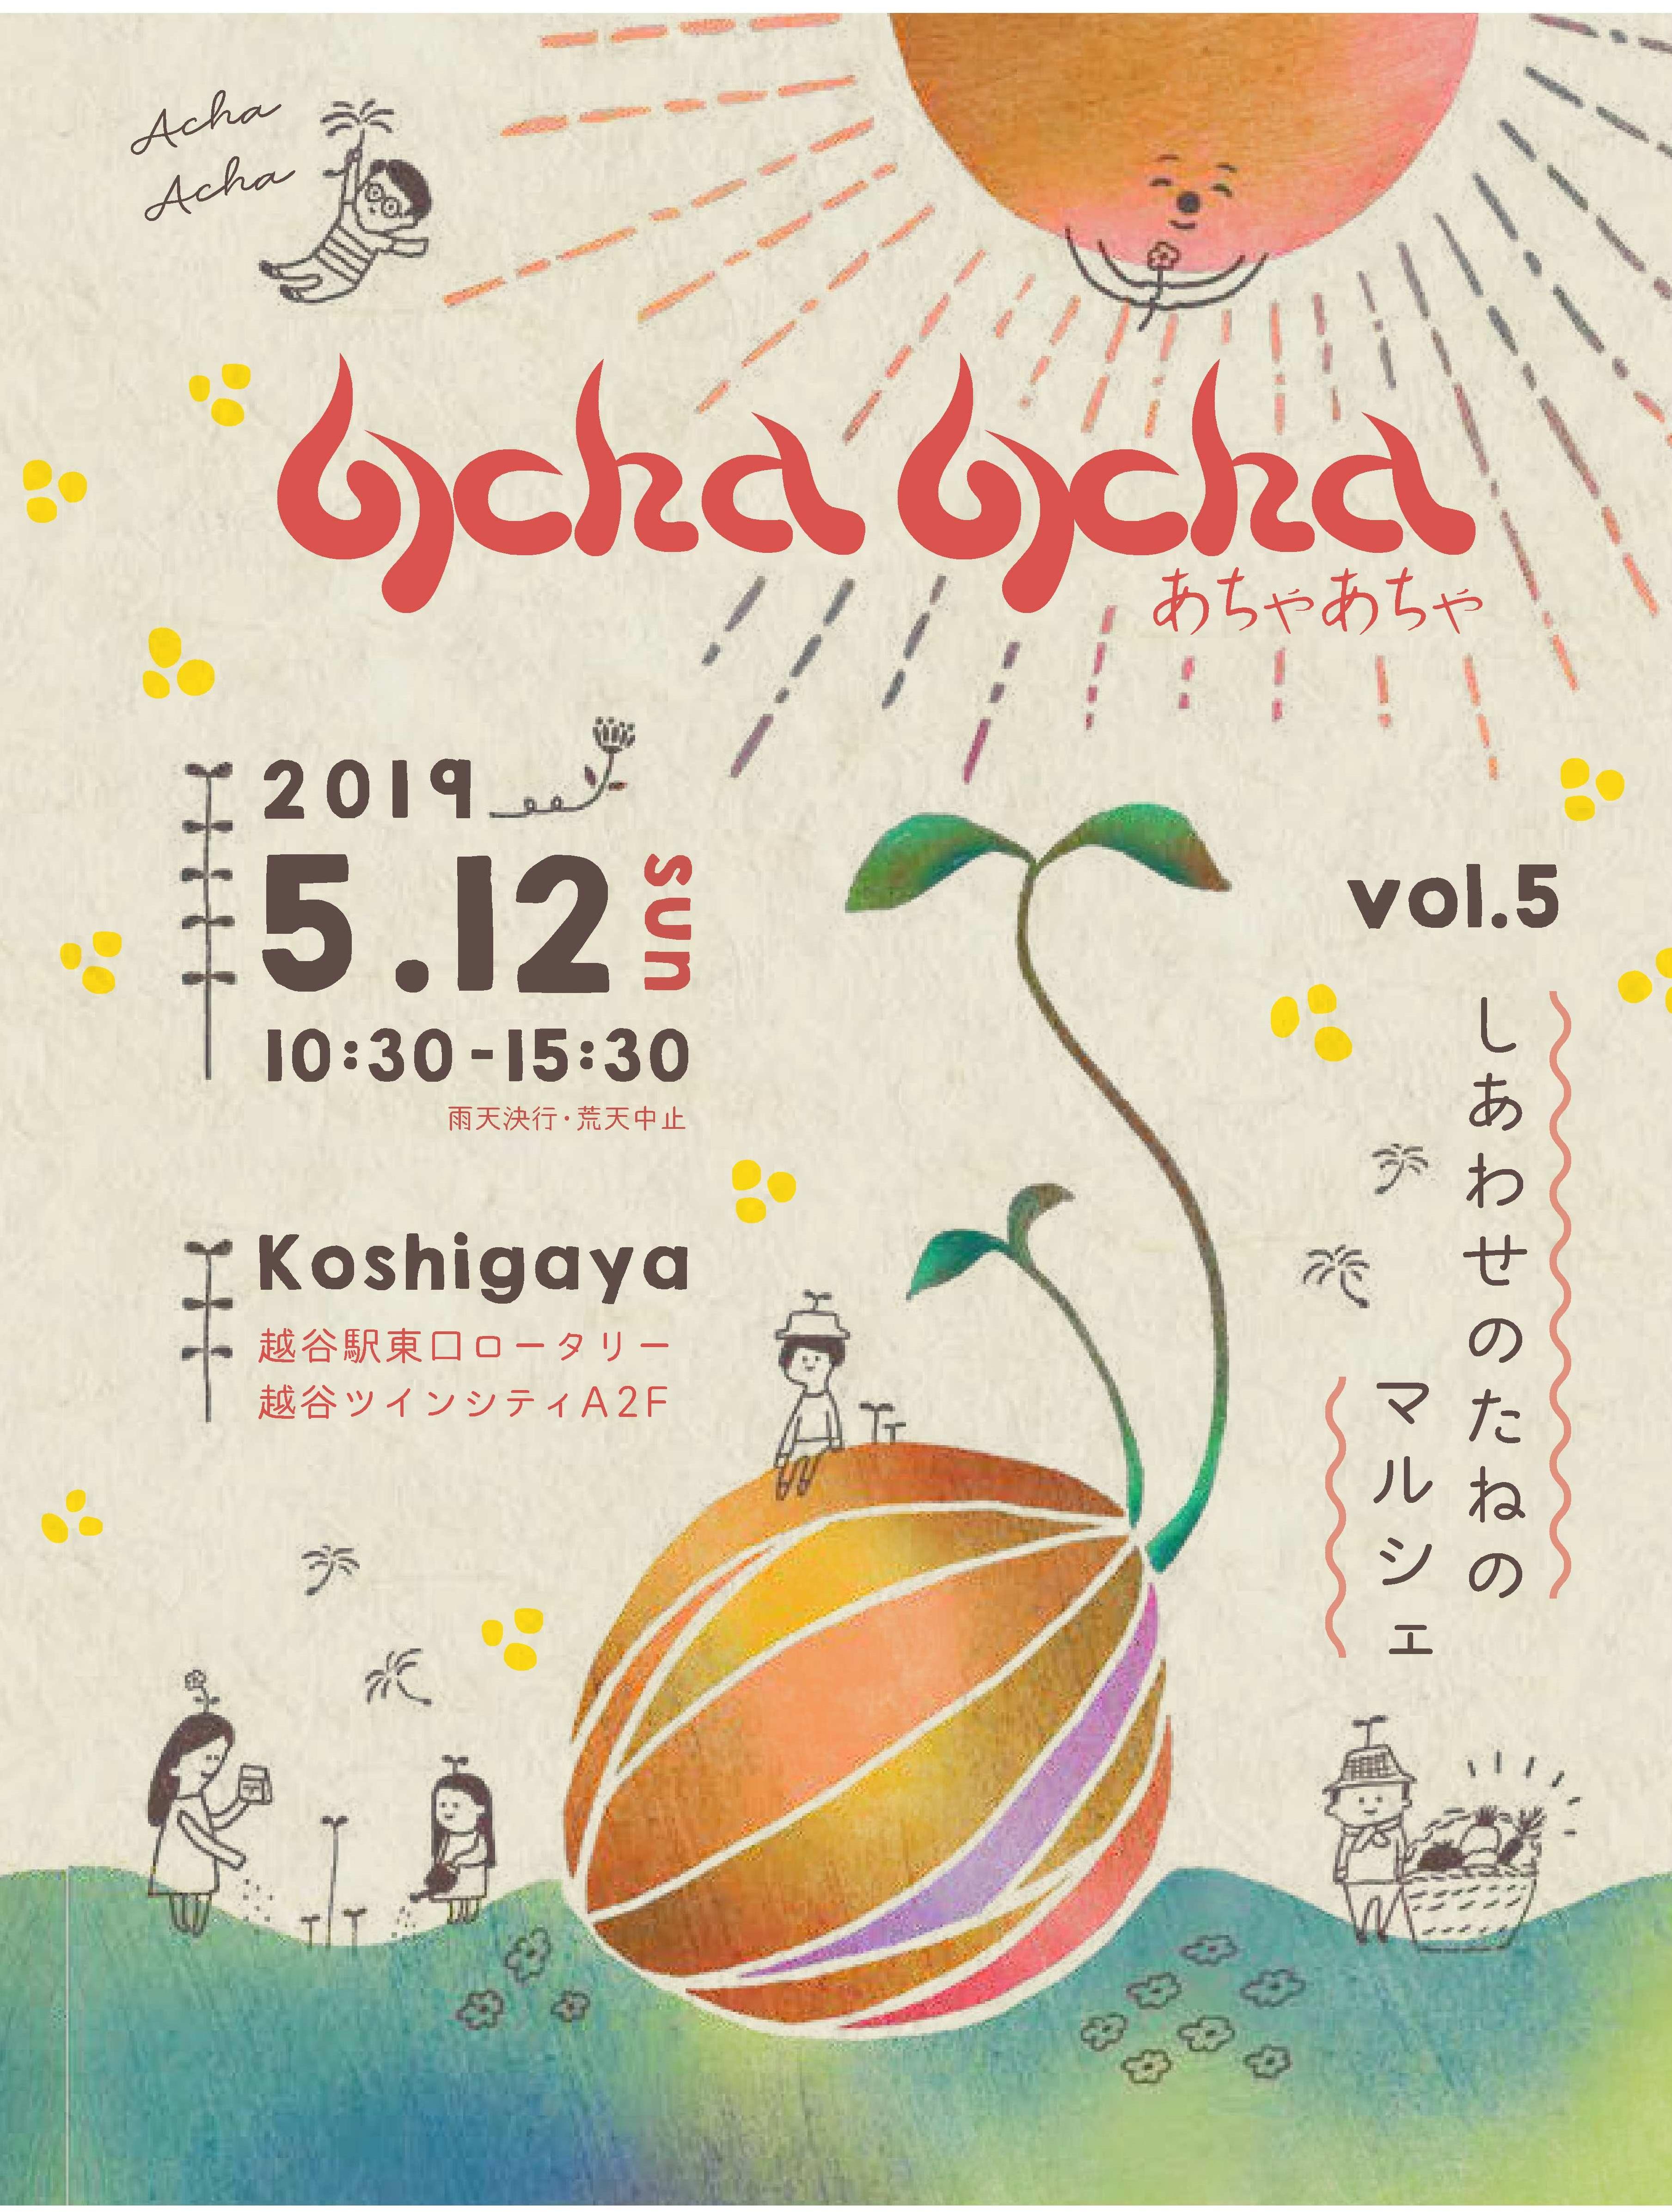 achaacha vol.5 の開催